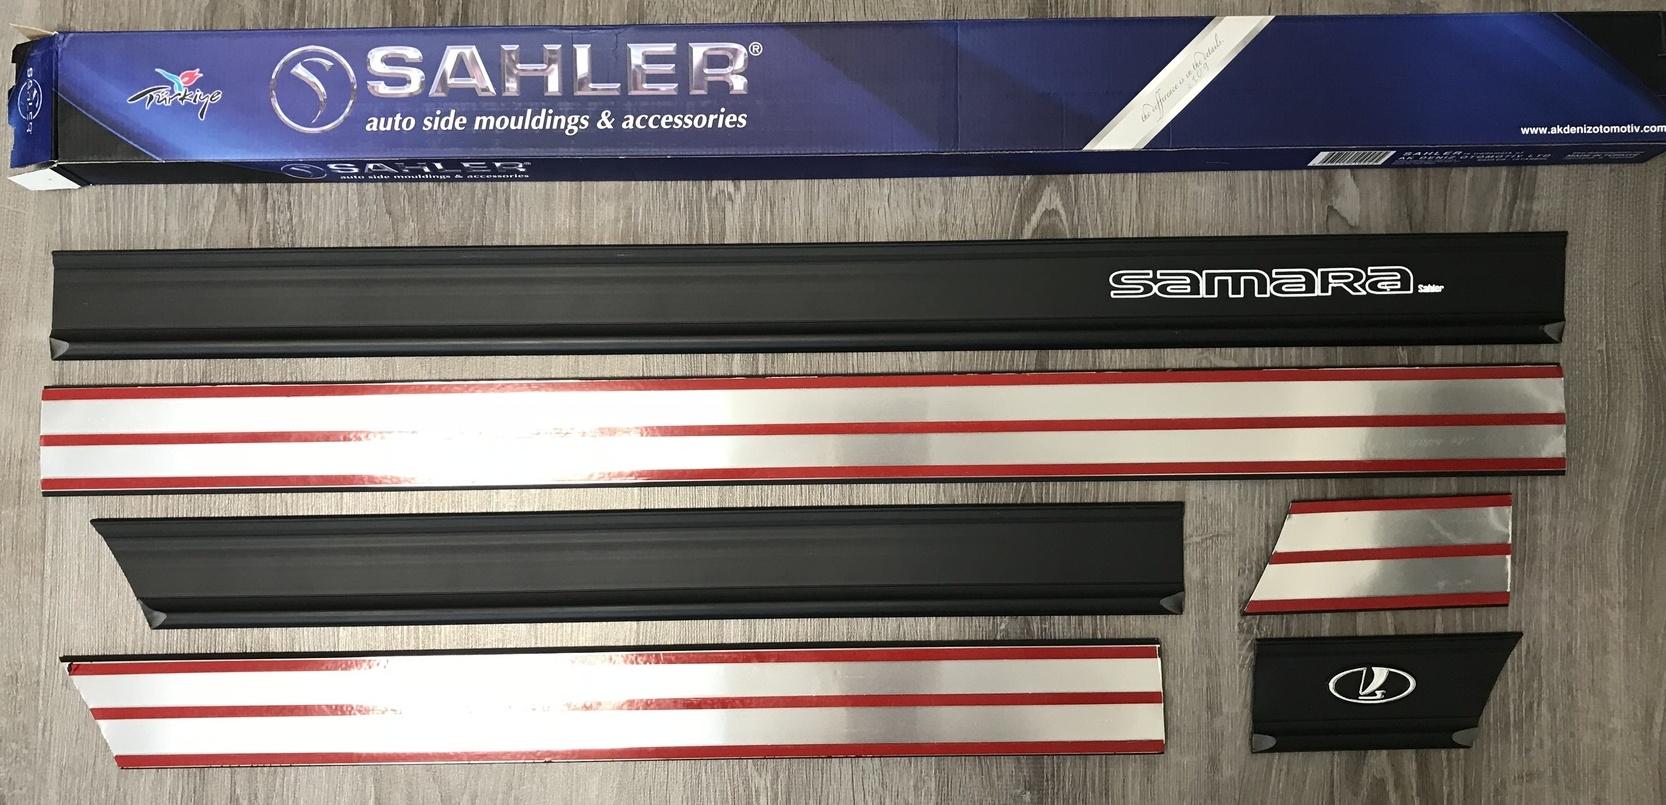 Молдинги на ВАЗ 2109, 21099 накладки на двери SAMARA полуширокий 7см